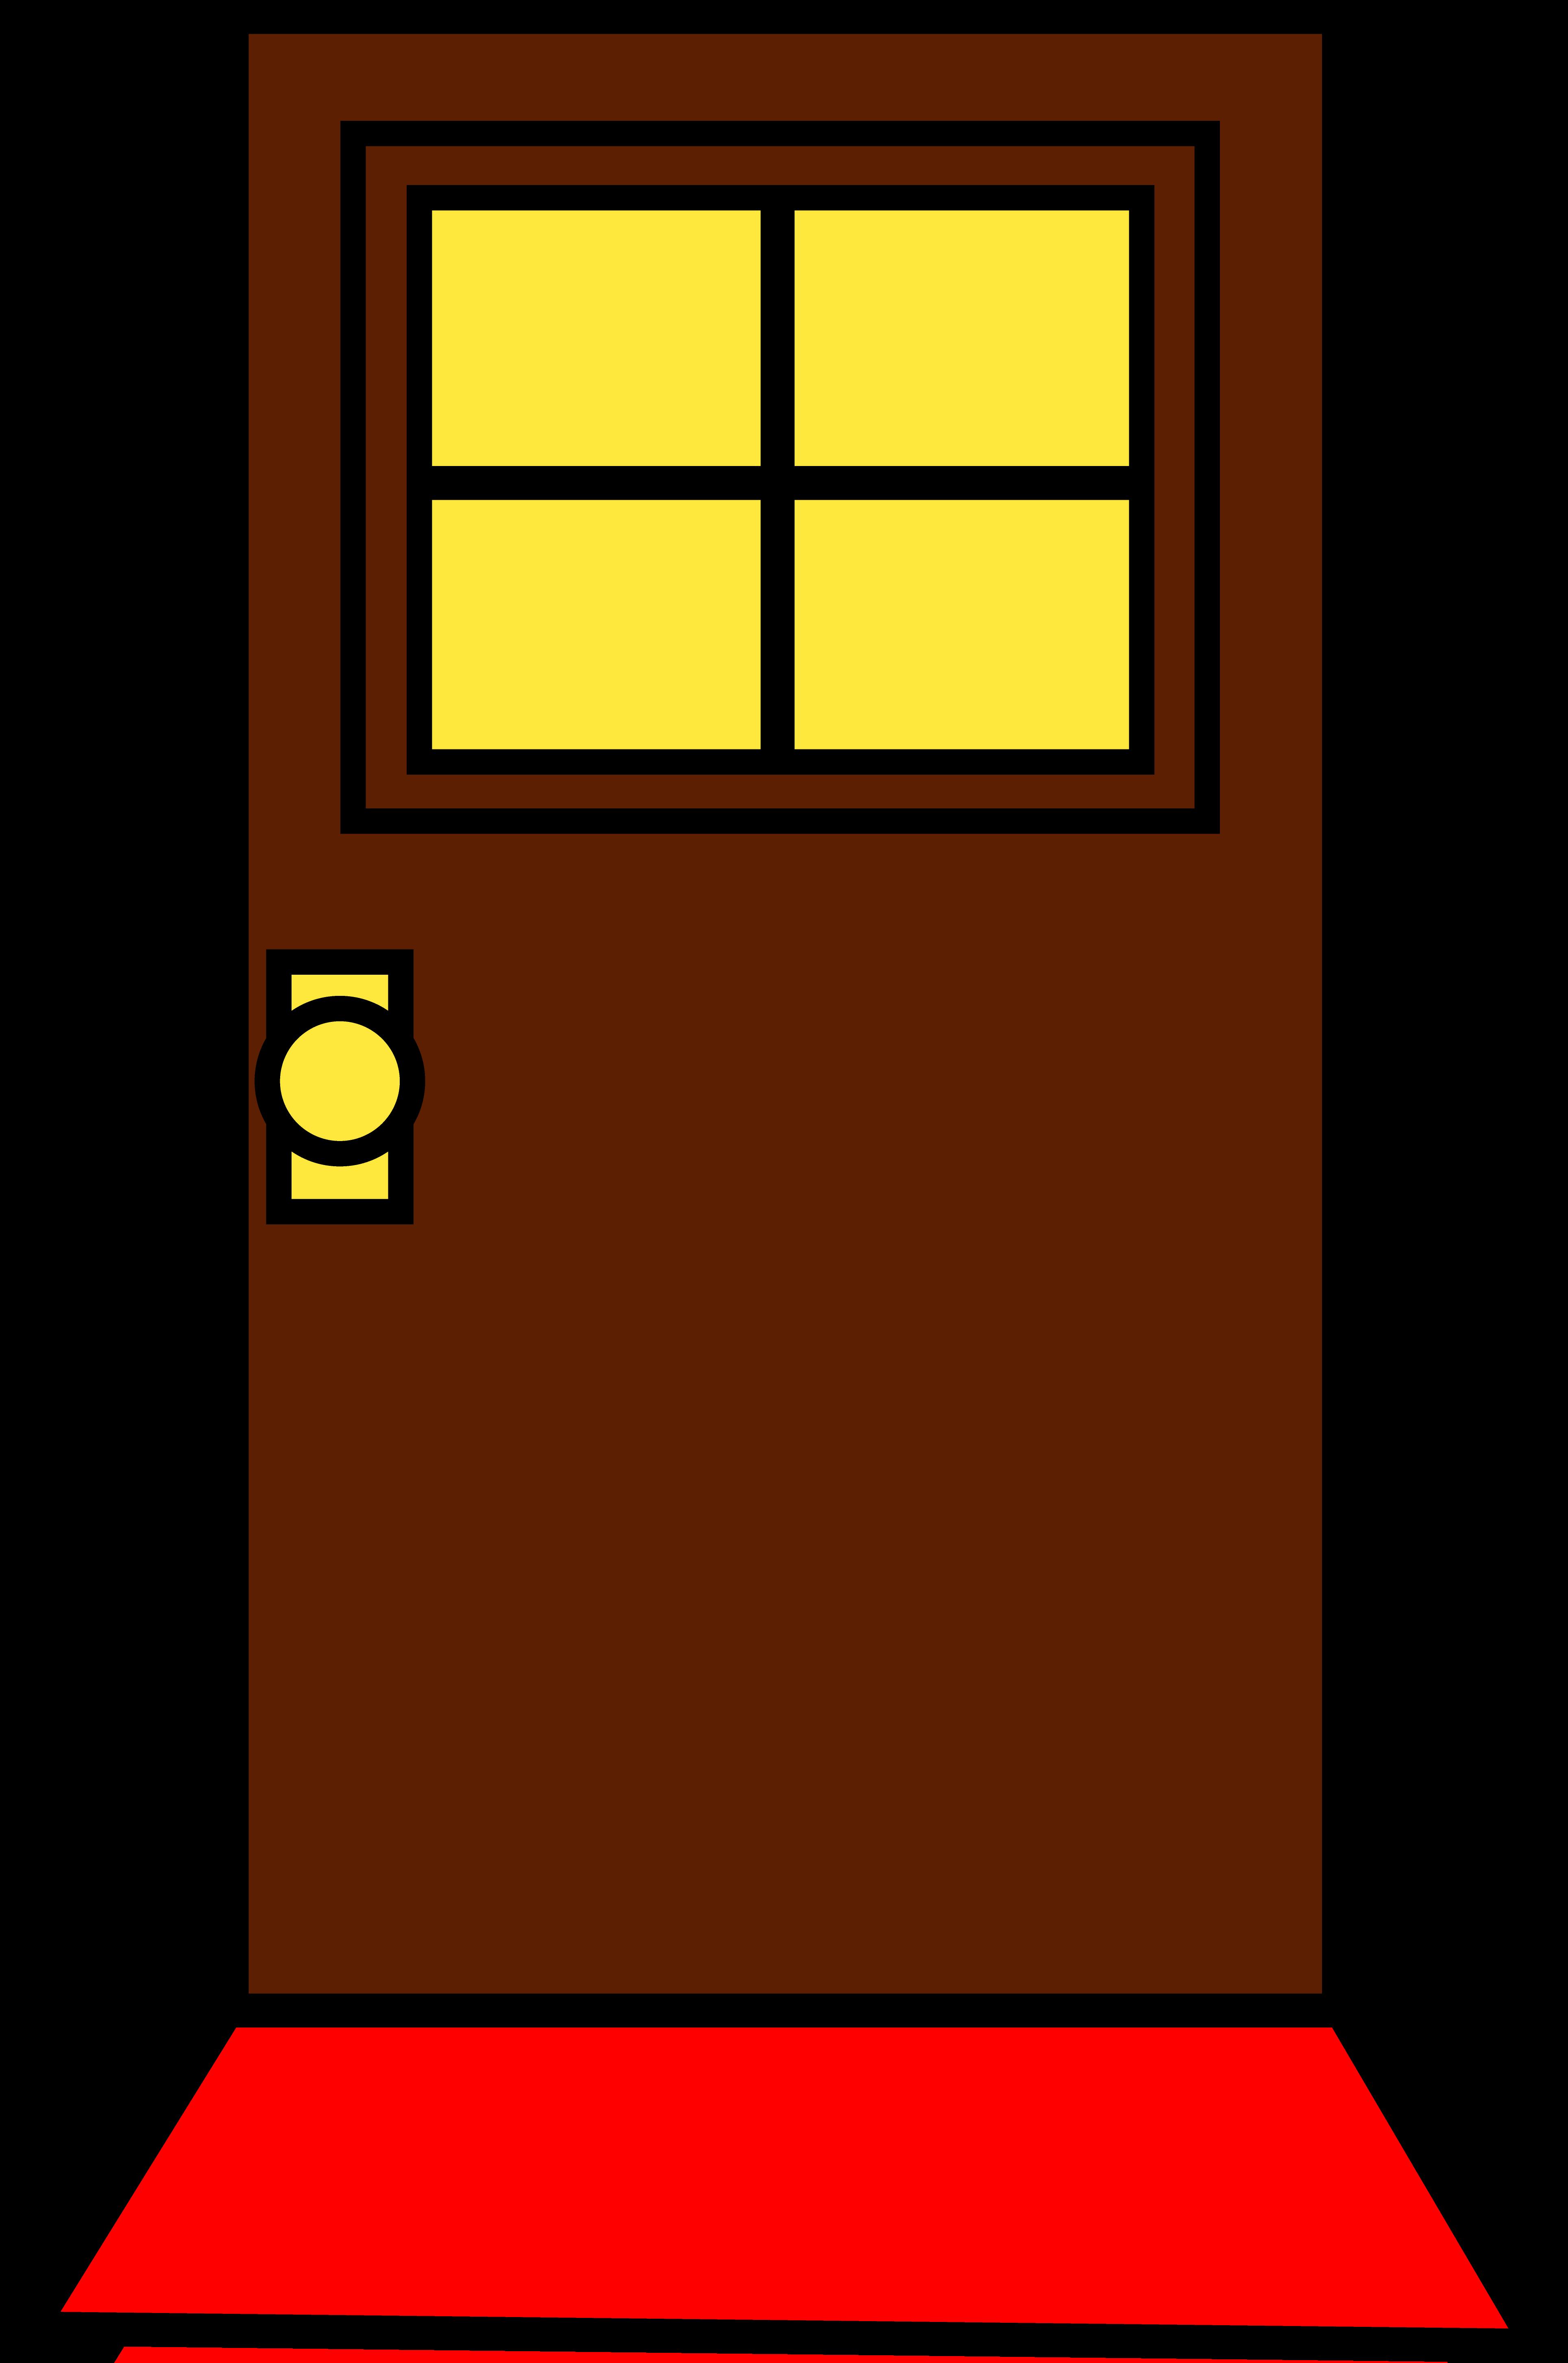 Door clipart funny January Leonard's Lines 2016 door